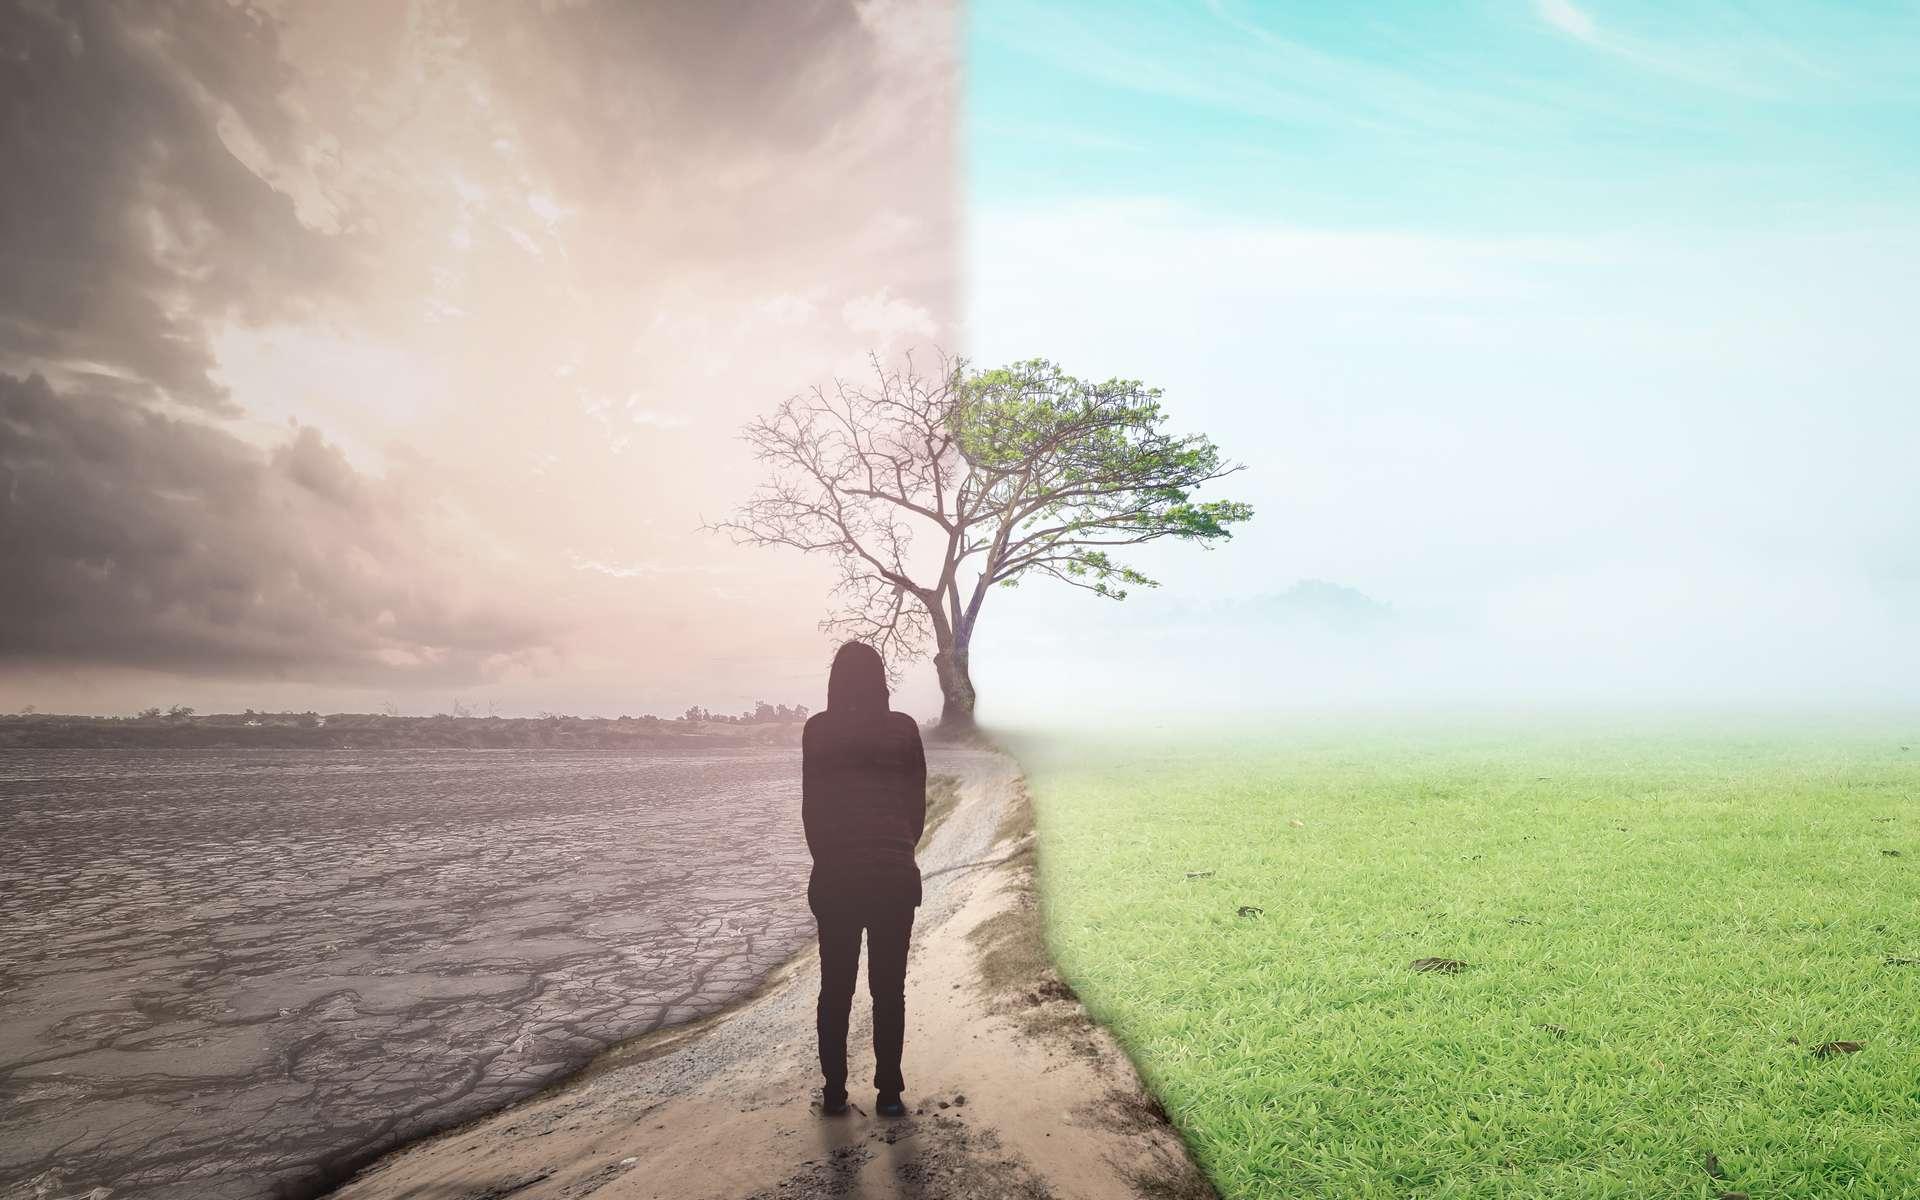 Tandis que certains assurent que le monde s'effondrera avec le changement climatique, d'autres persistent à croire qu'il n'est pas trop tard. © Choat, Adobe Stock